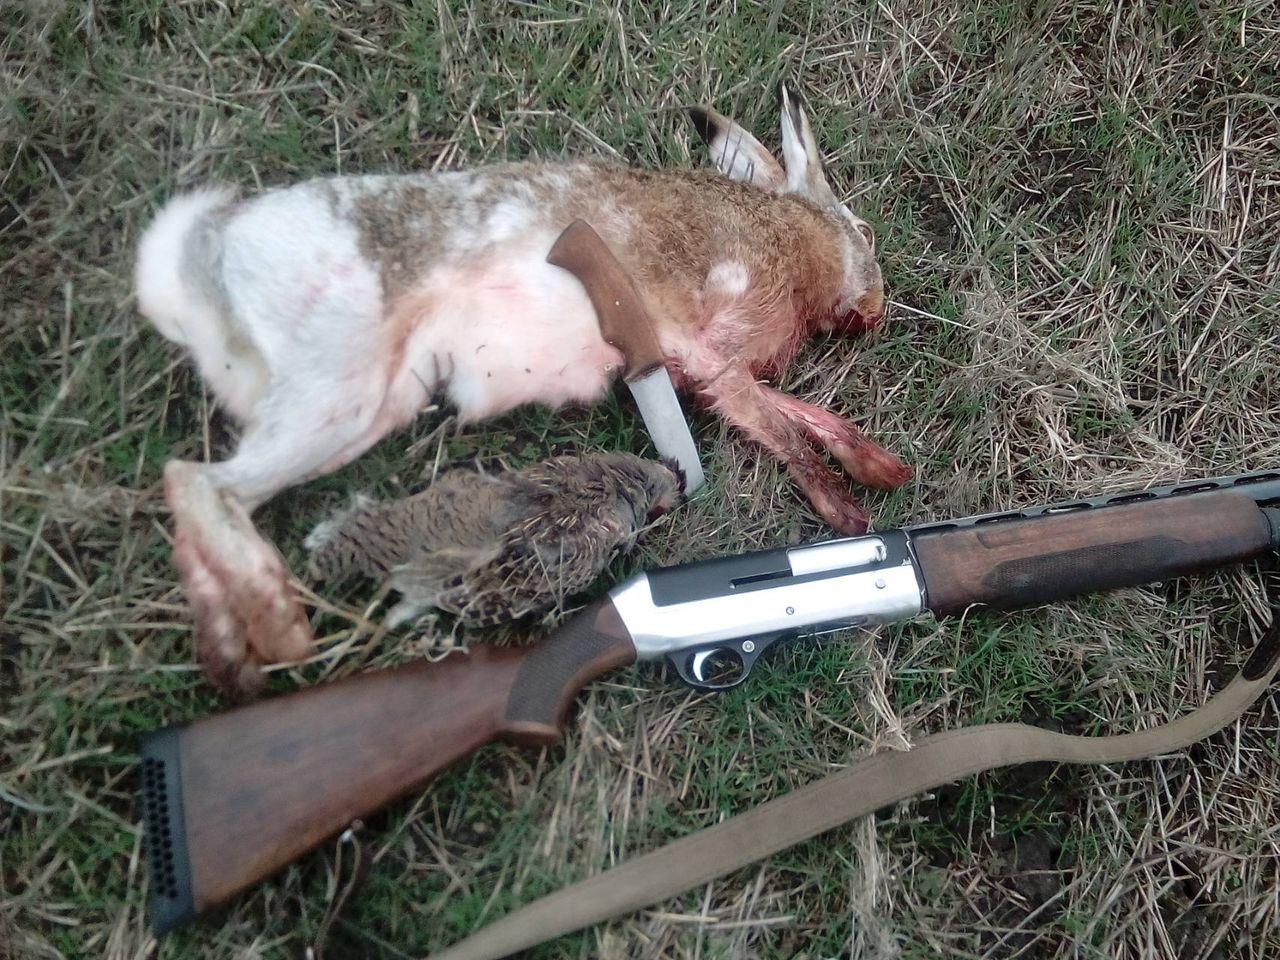 портретная фото затвора самострела на зайца была